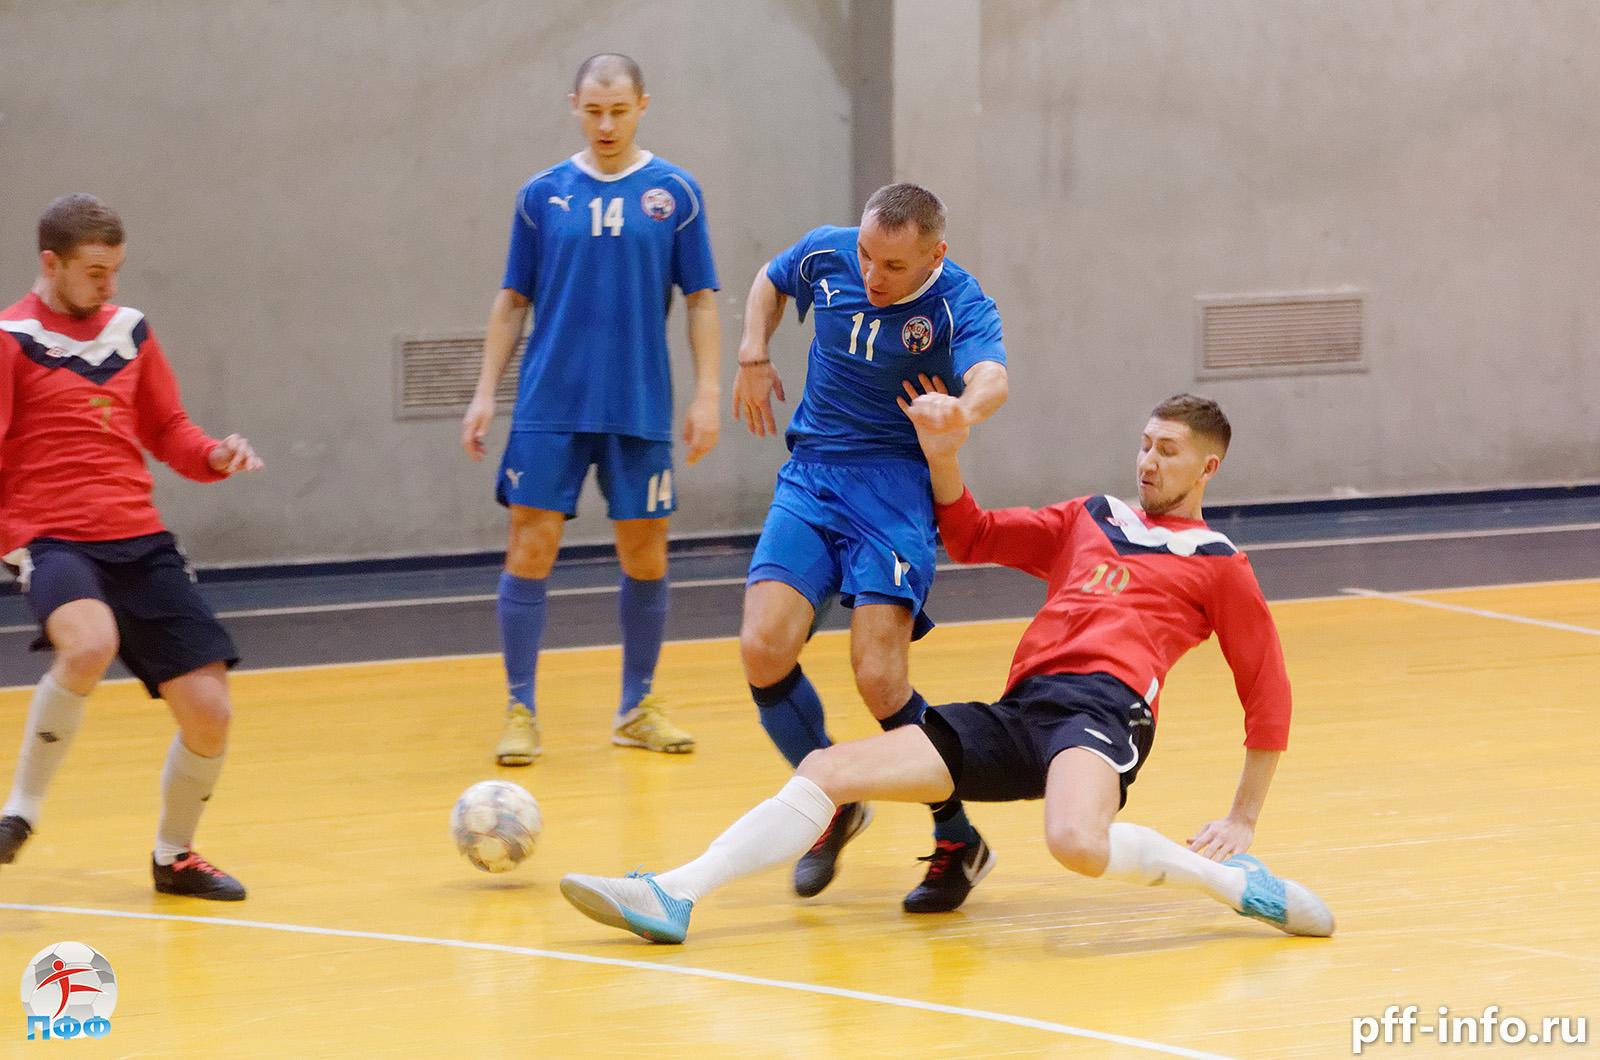 Чемпион Подольска по мини-футболу определится в Золотом матче